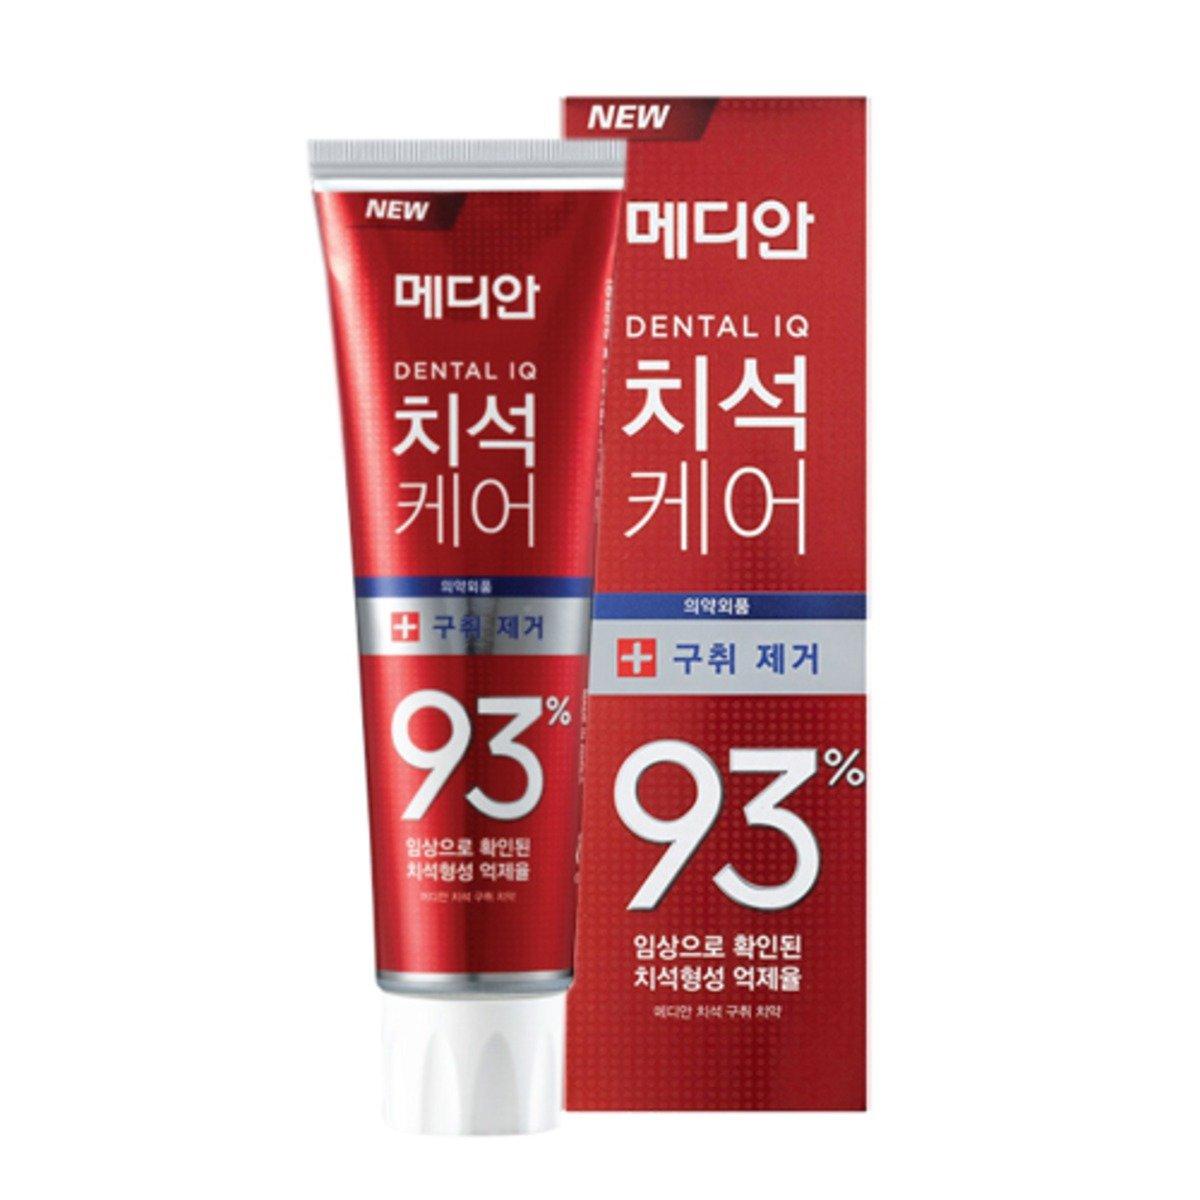 Median - 牙石護理93% 清爽牙膏 (紅色) 120g (此為平行進口產品)   [平行進口產品]